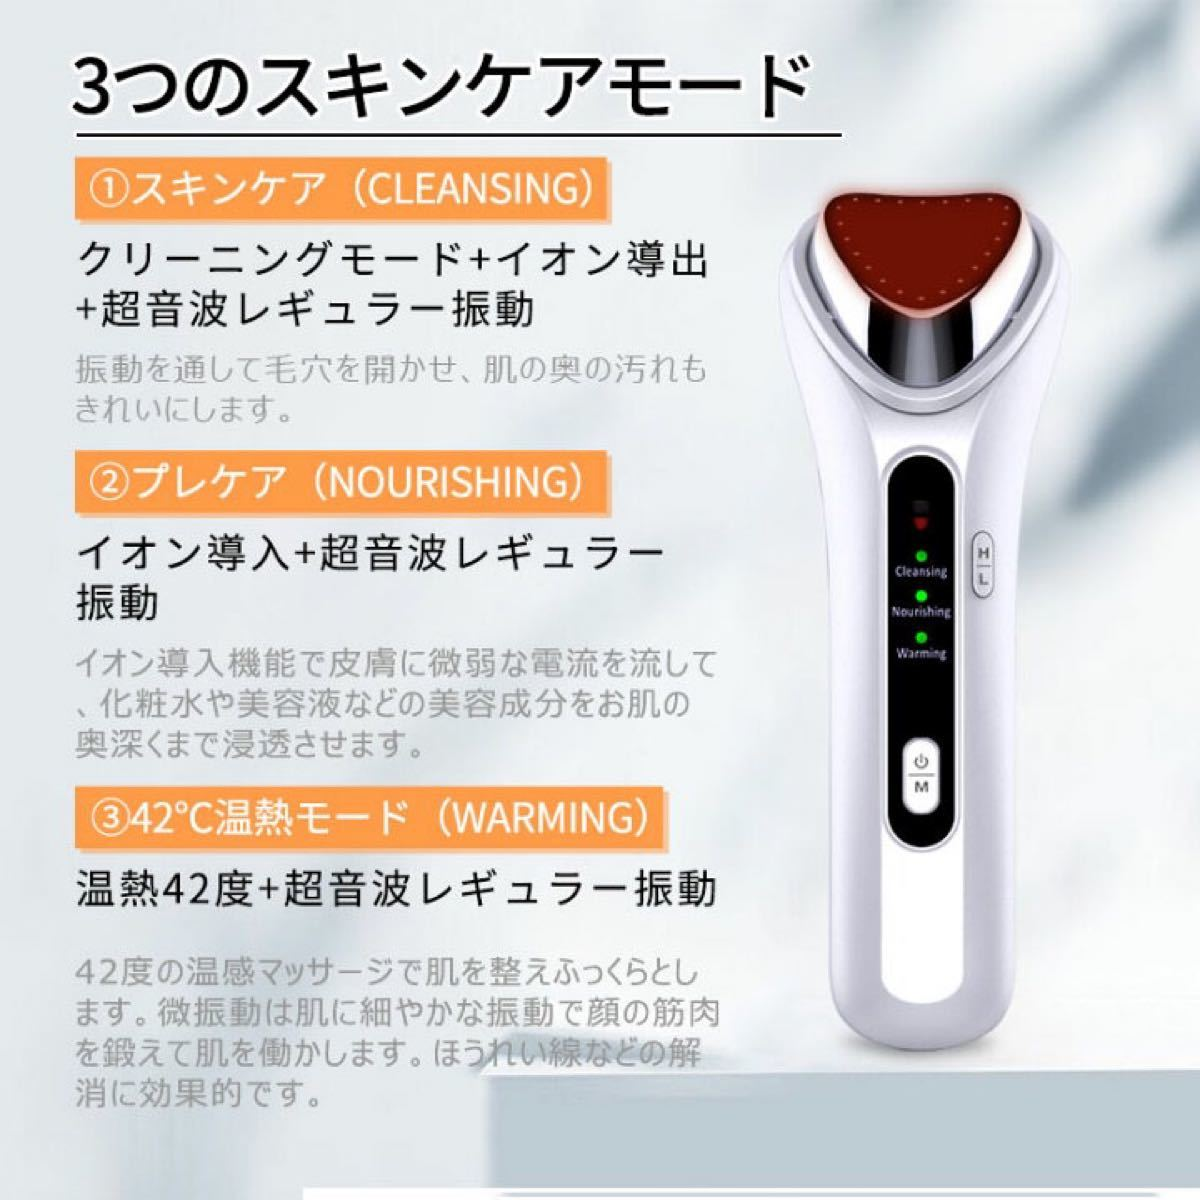 超音波美顔器 フェイスケア リフトアップ イオン導入美顔器 美容器 温熱美容器器